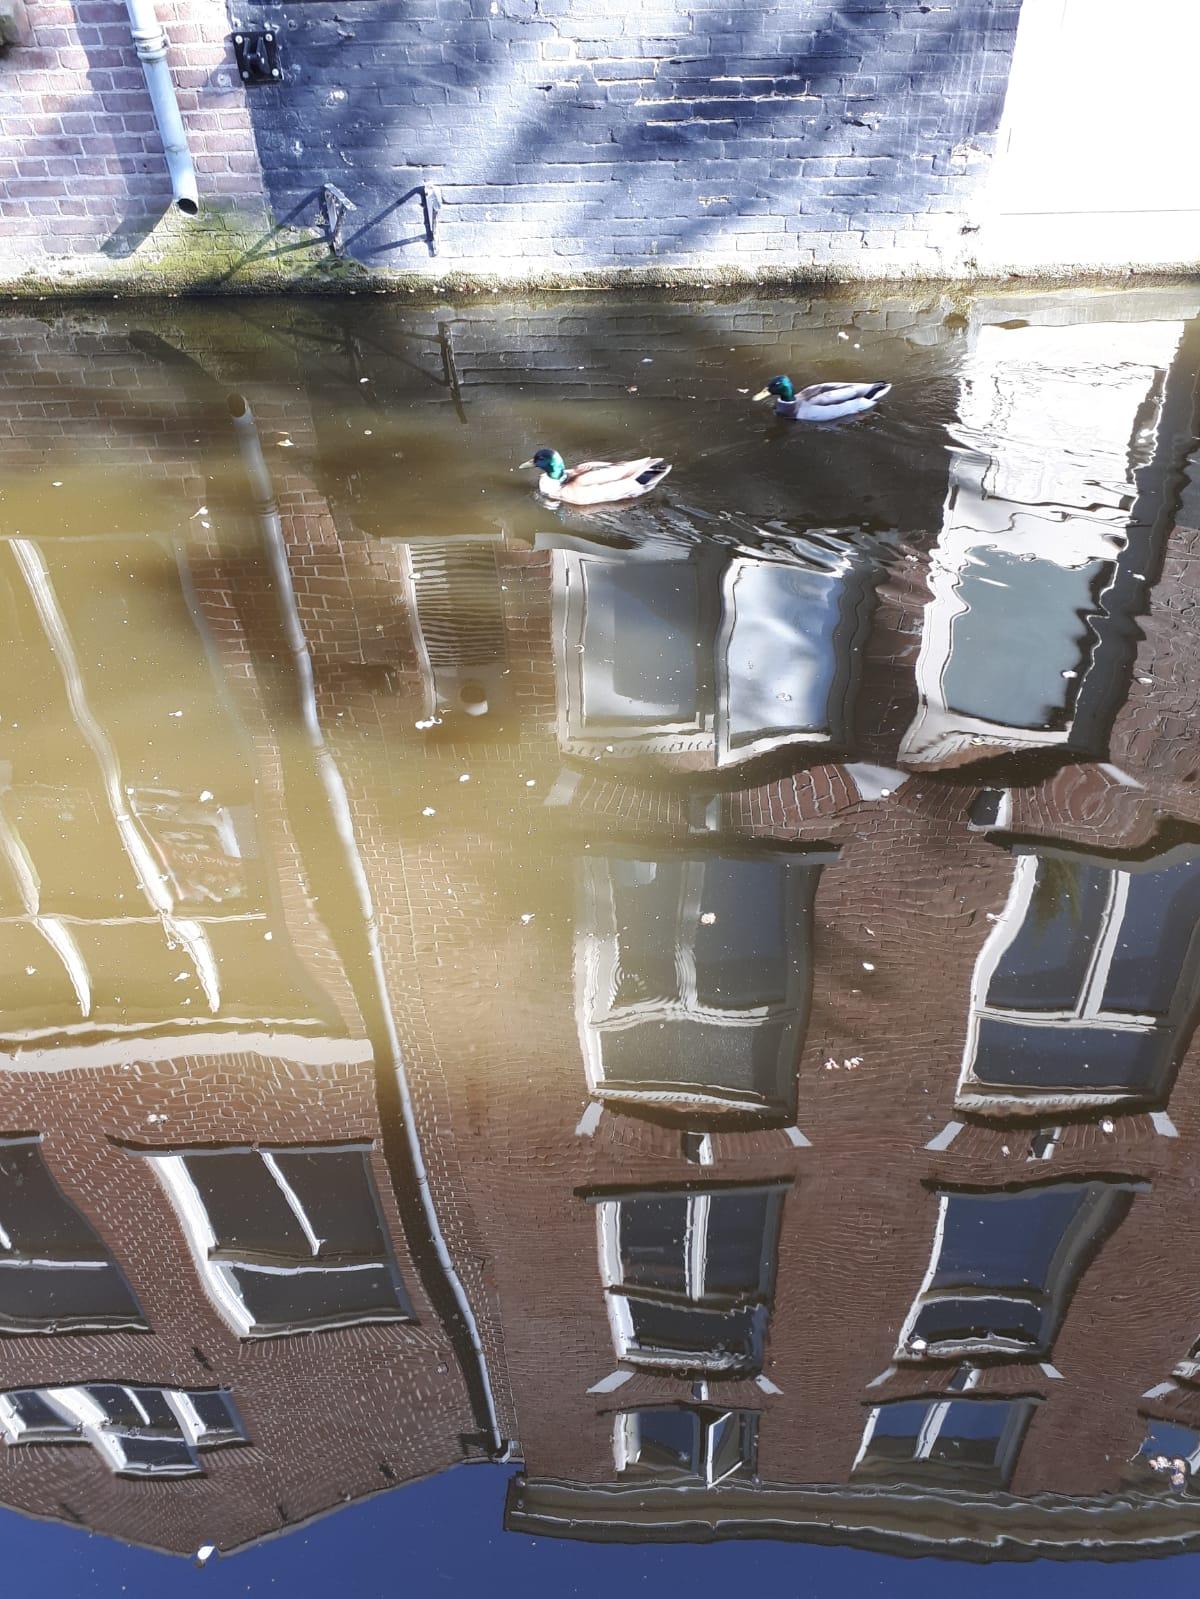 انعکاس زندگی و شنای پرندگان (دلفت، هلند)